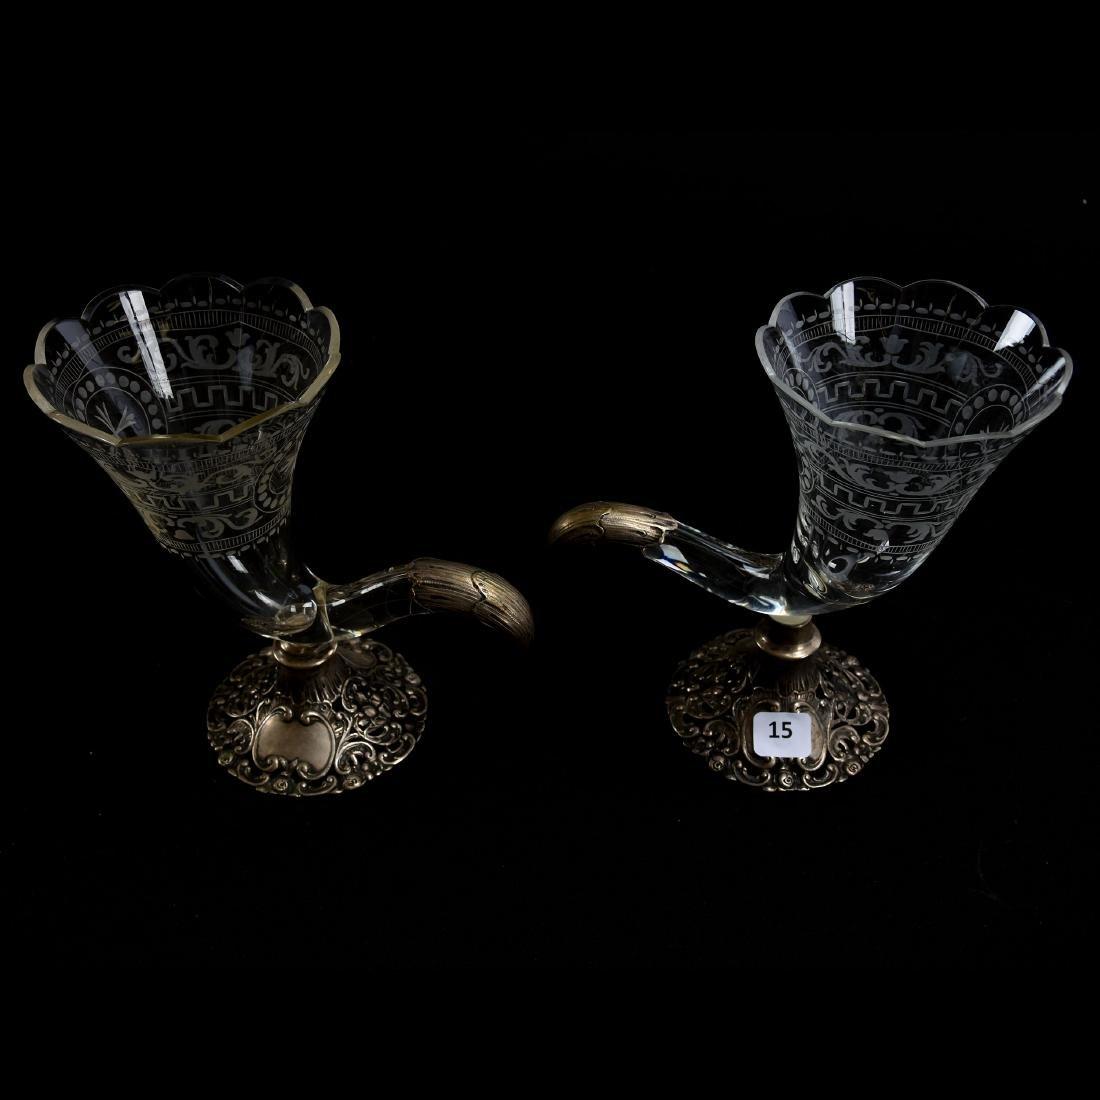 Pair Cornucopia Vases, Engraved Floral, Greek Key - 2